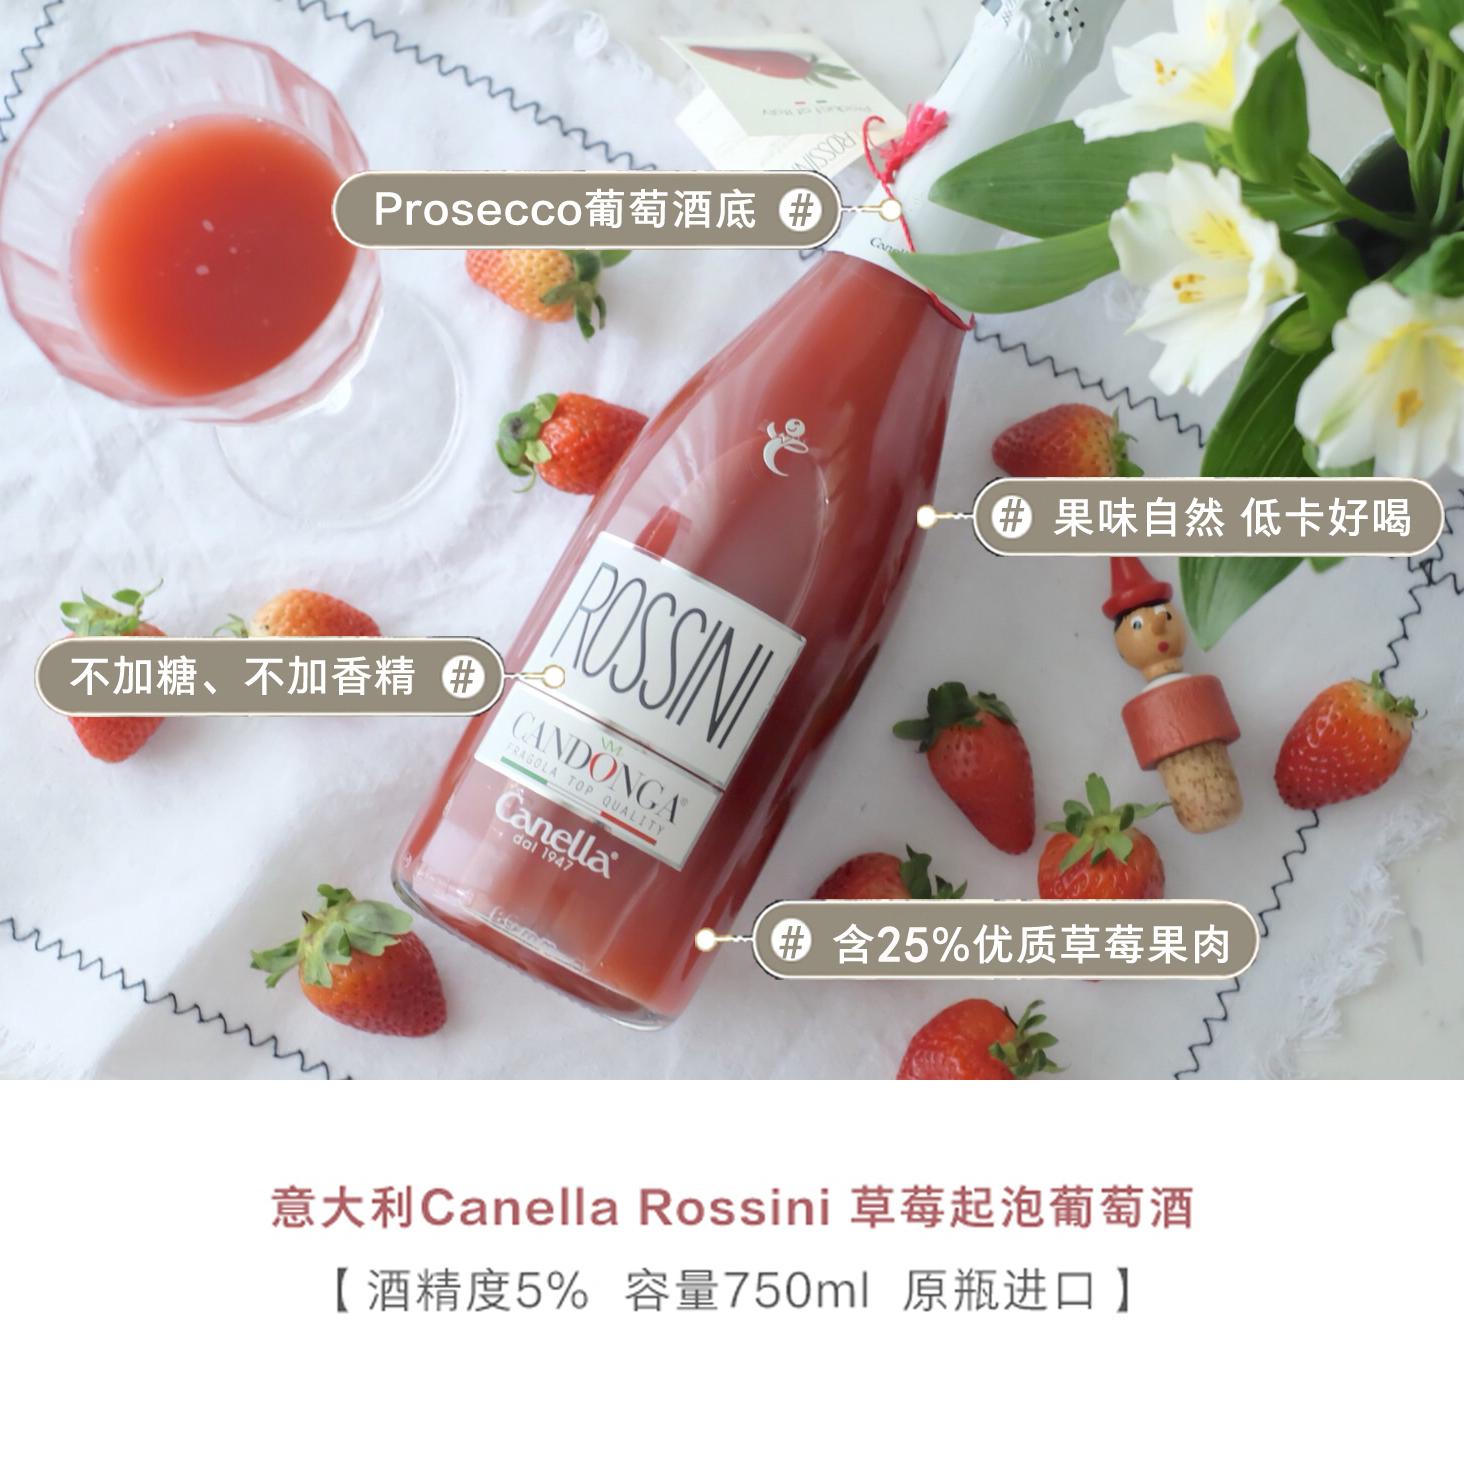 低卡不加糖 草莓果肉 起泡酒底 草莓酒 Canella 意大利 未开售